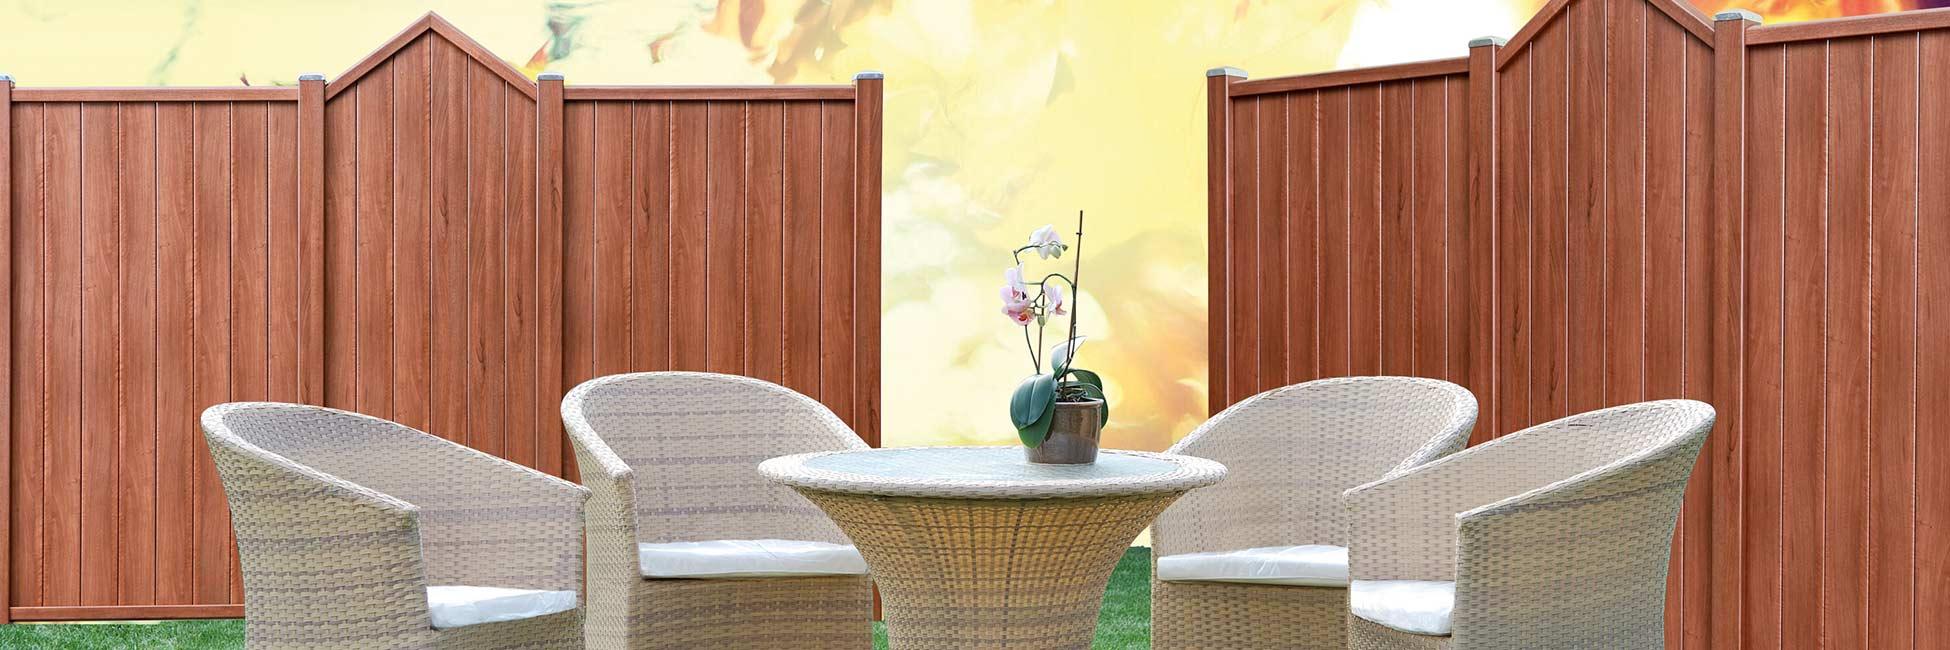 Bild von Sichtschutzelemente aus Kunststoff - Holzdekor